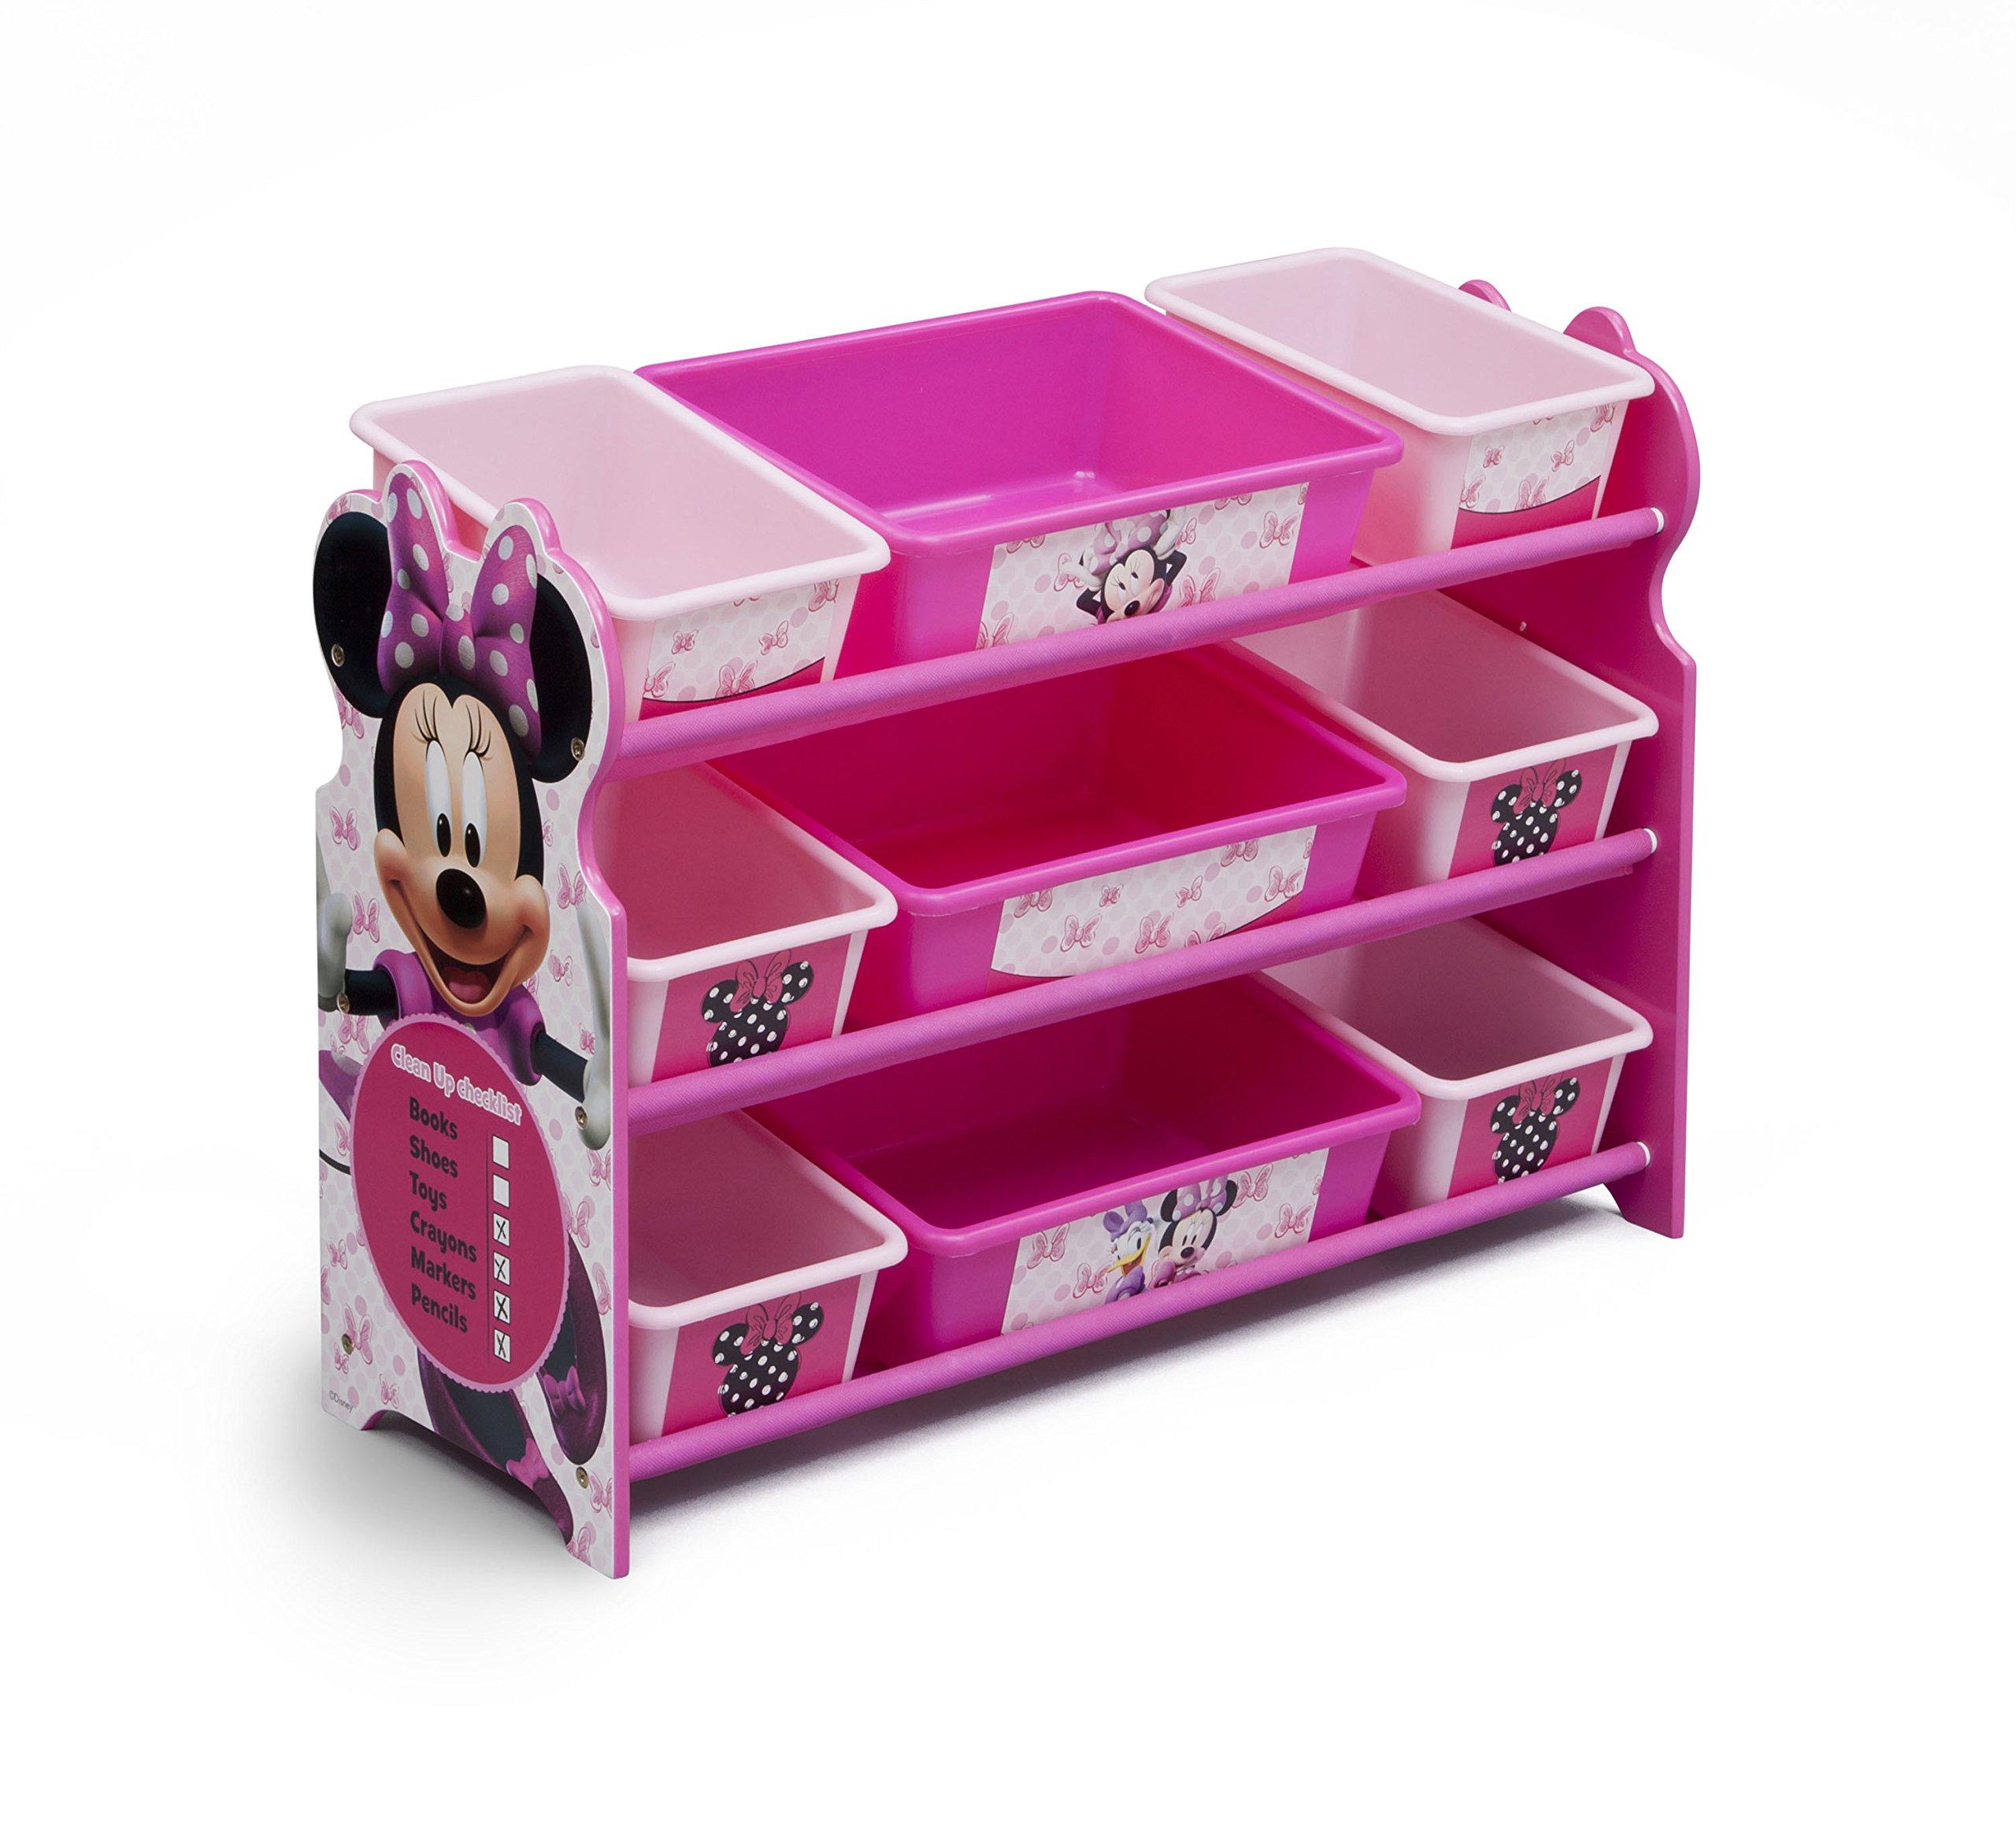 Delta Children 9 Bin Plastic Organizer, Disney Minnie Mouse by Delta Children